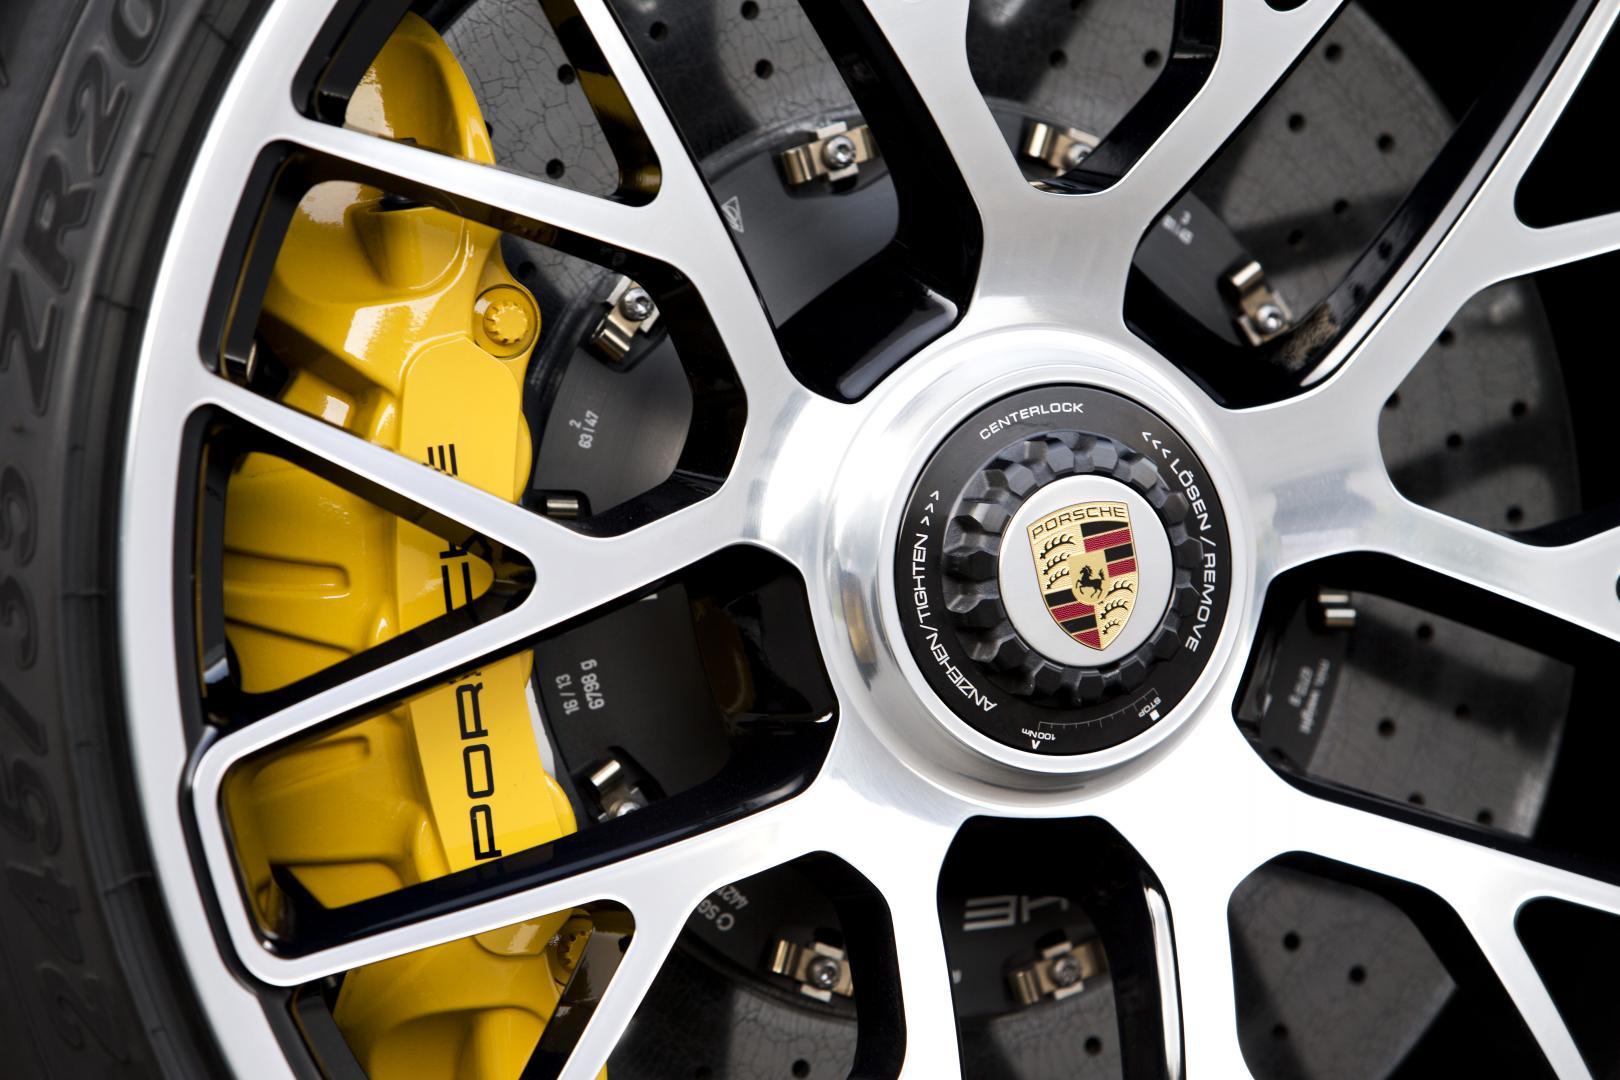 Porsche 911 Turbo 2013 keramische remschijf remklauw